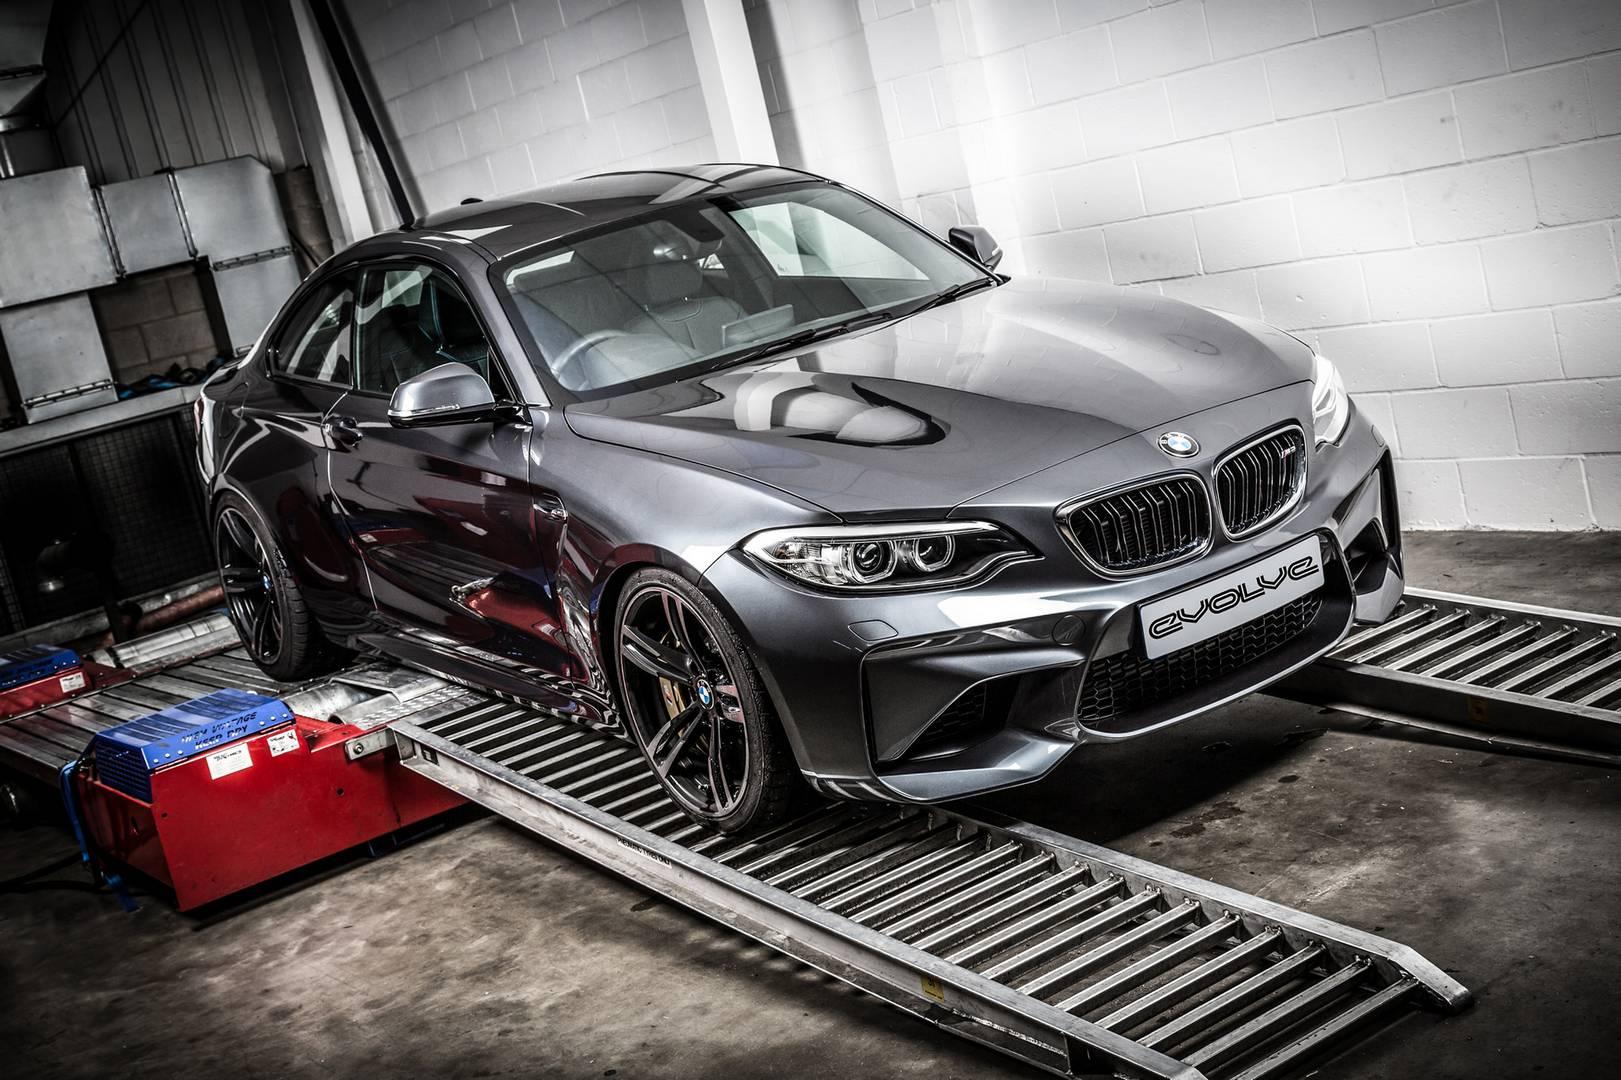 Полный список спецификаций этого RWD M2 GTS должен читаться как сказка для любого энтузиаста BMW